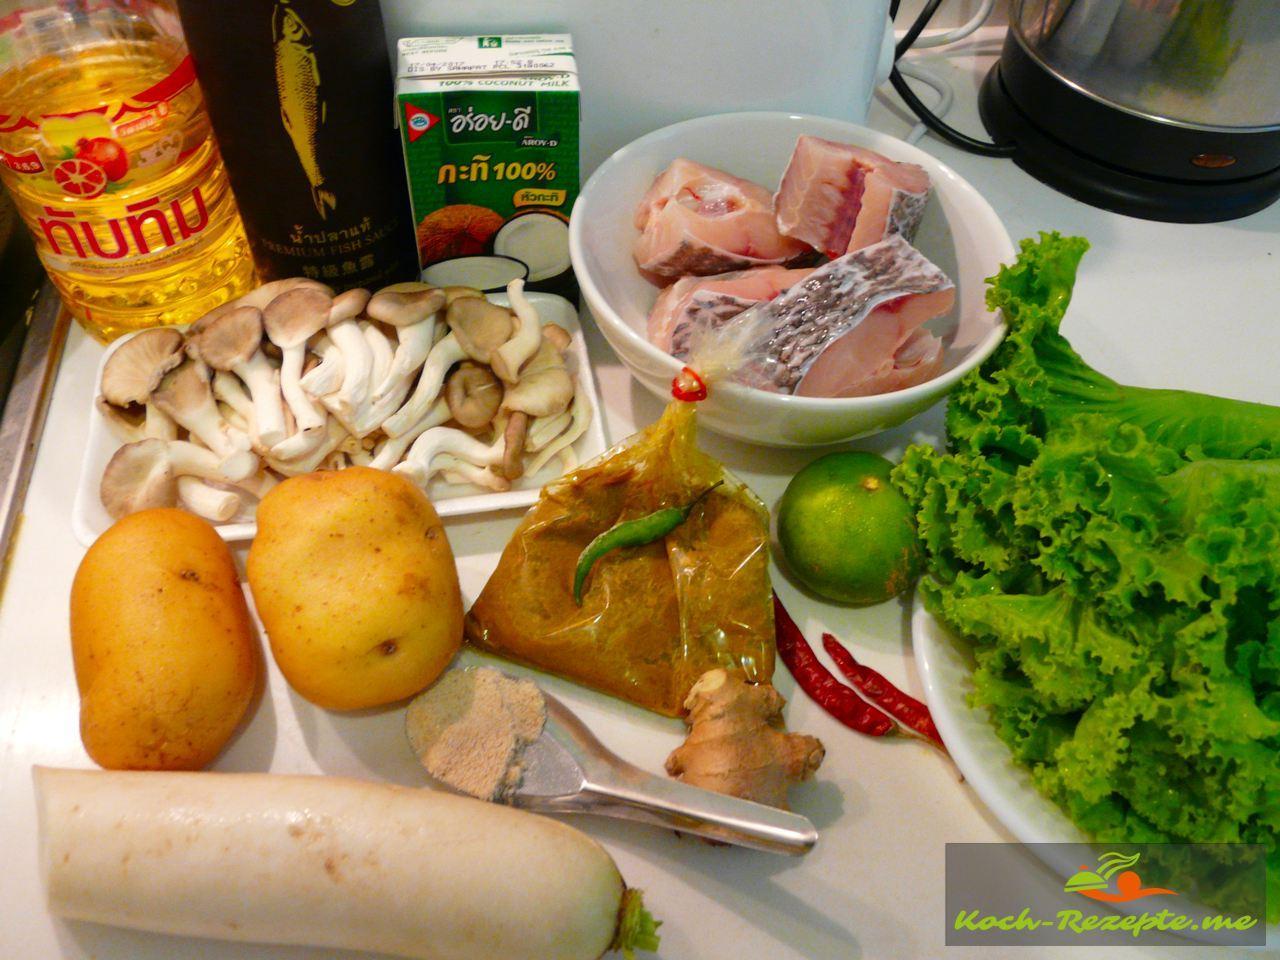 Die frischen Zutaten auf dem Markt eingekauft zum lecker kochen